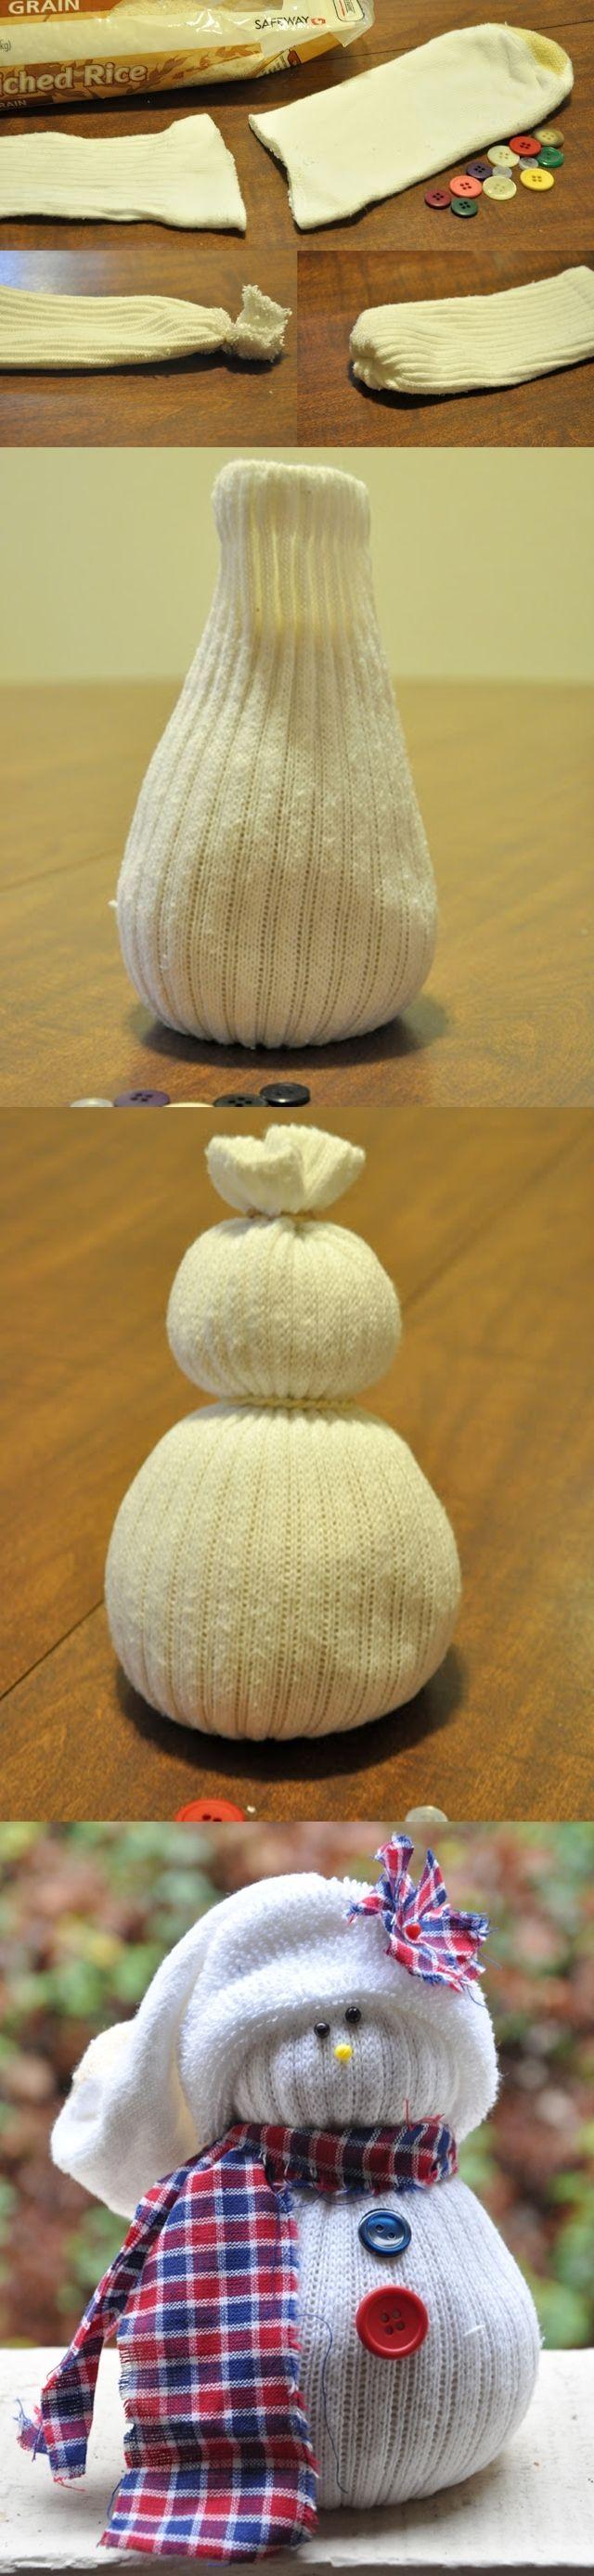 Luty Artes Crochet: arte em tecido                                                                                                                                                                                 Mais